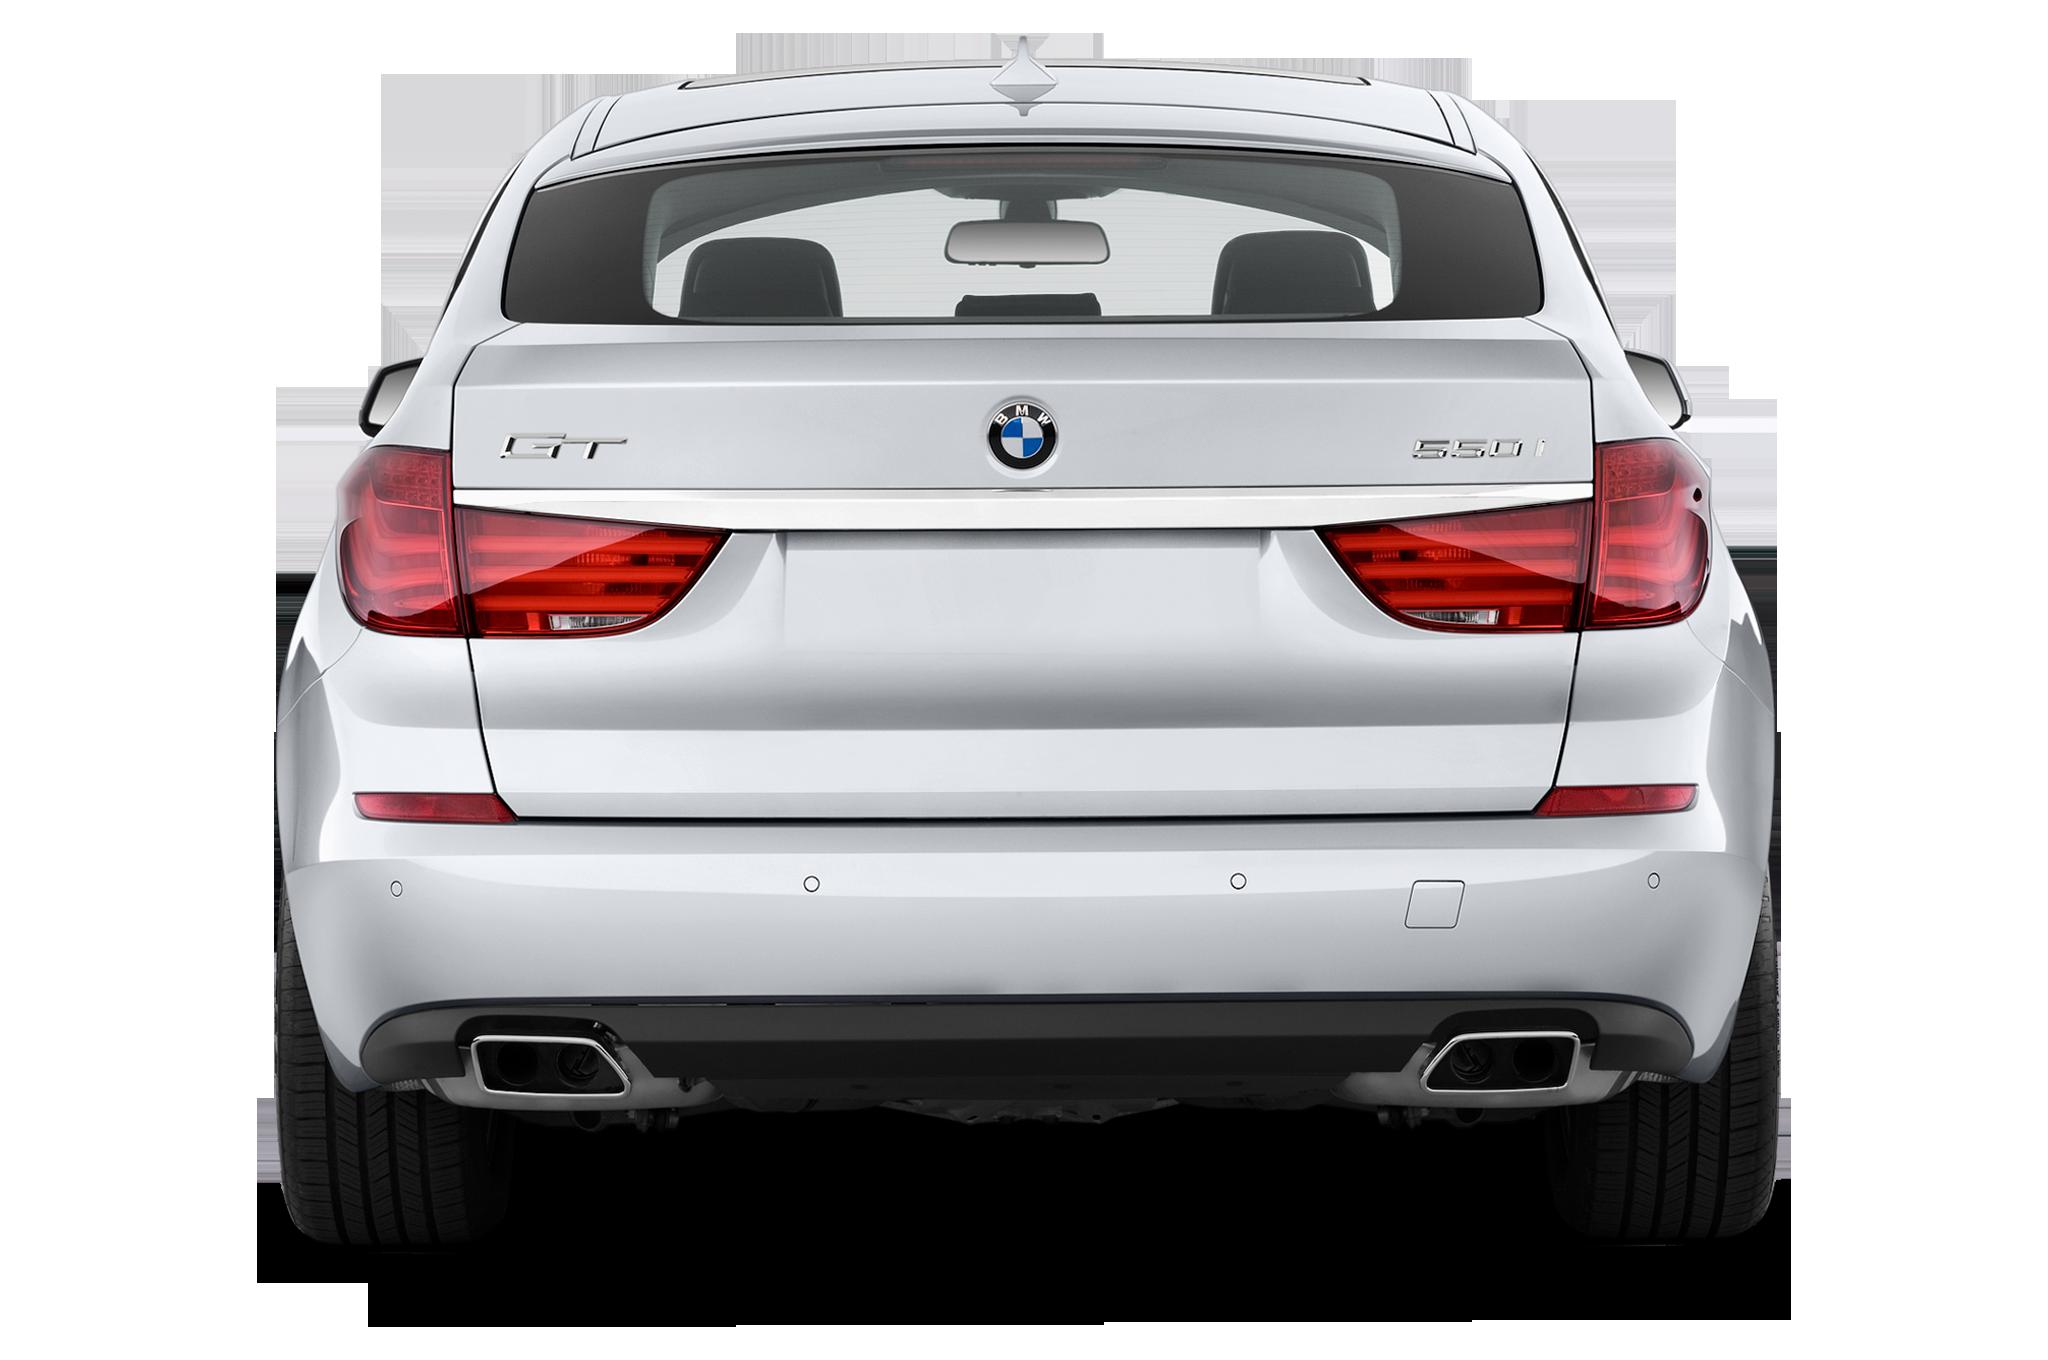 BMW I Gran Turismo BMW Luxury Sport Sedan Review - 2010 bmw 535i gt